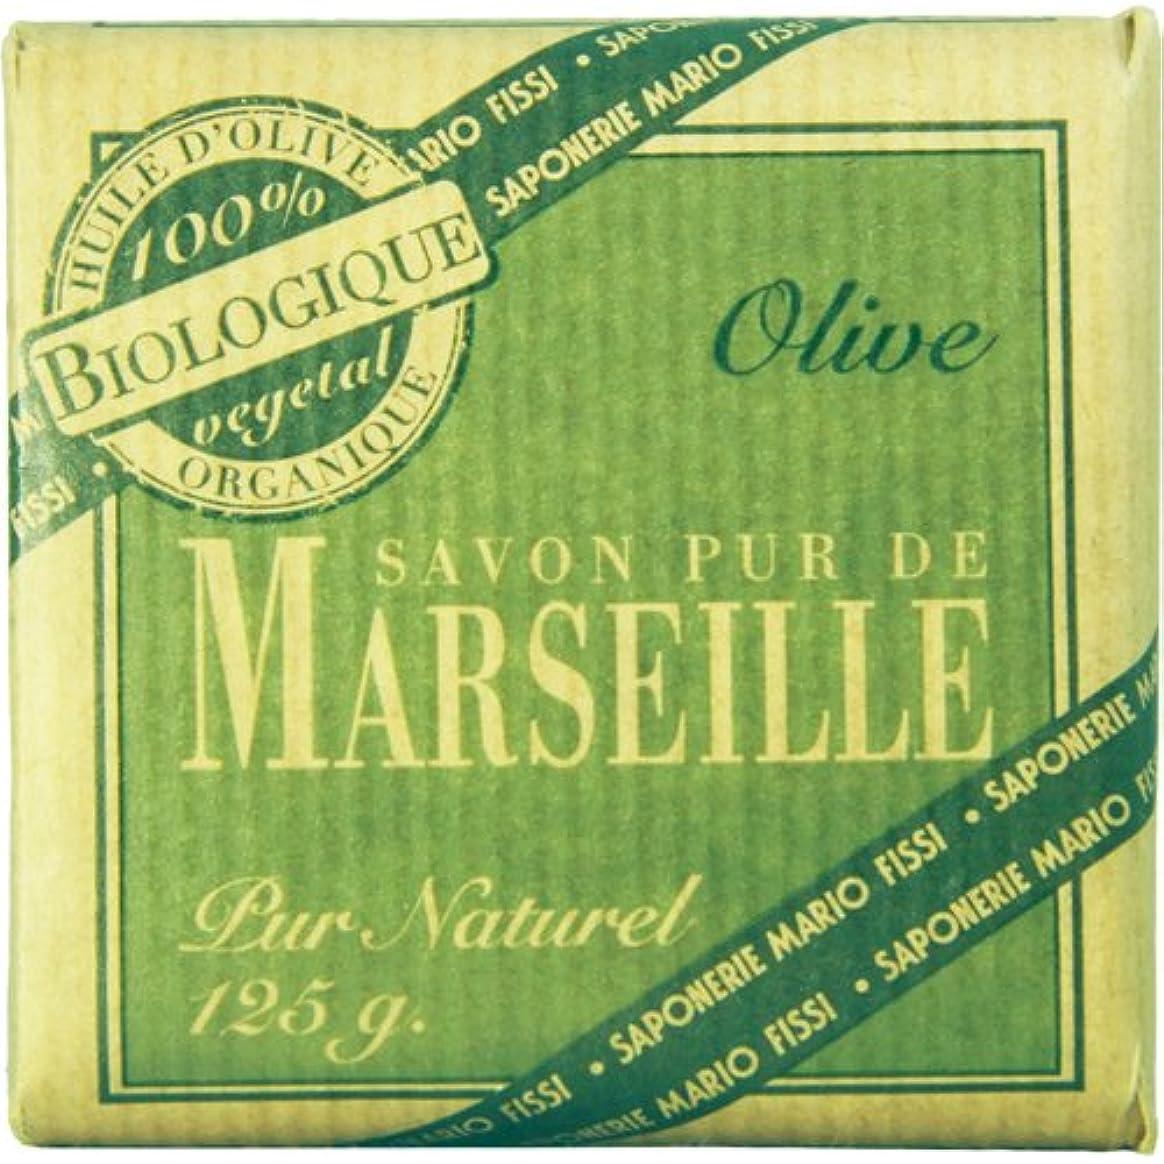 成果経験者アイドルSaponerire Fissi マルセイユシリーズ マルセイユソープ 125g Olive オリーブ